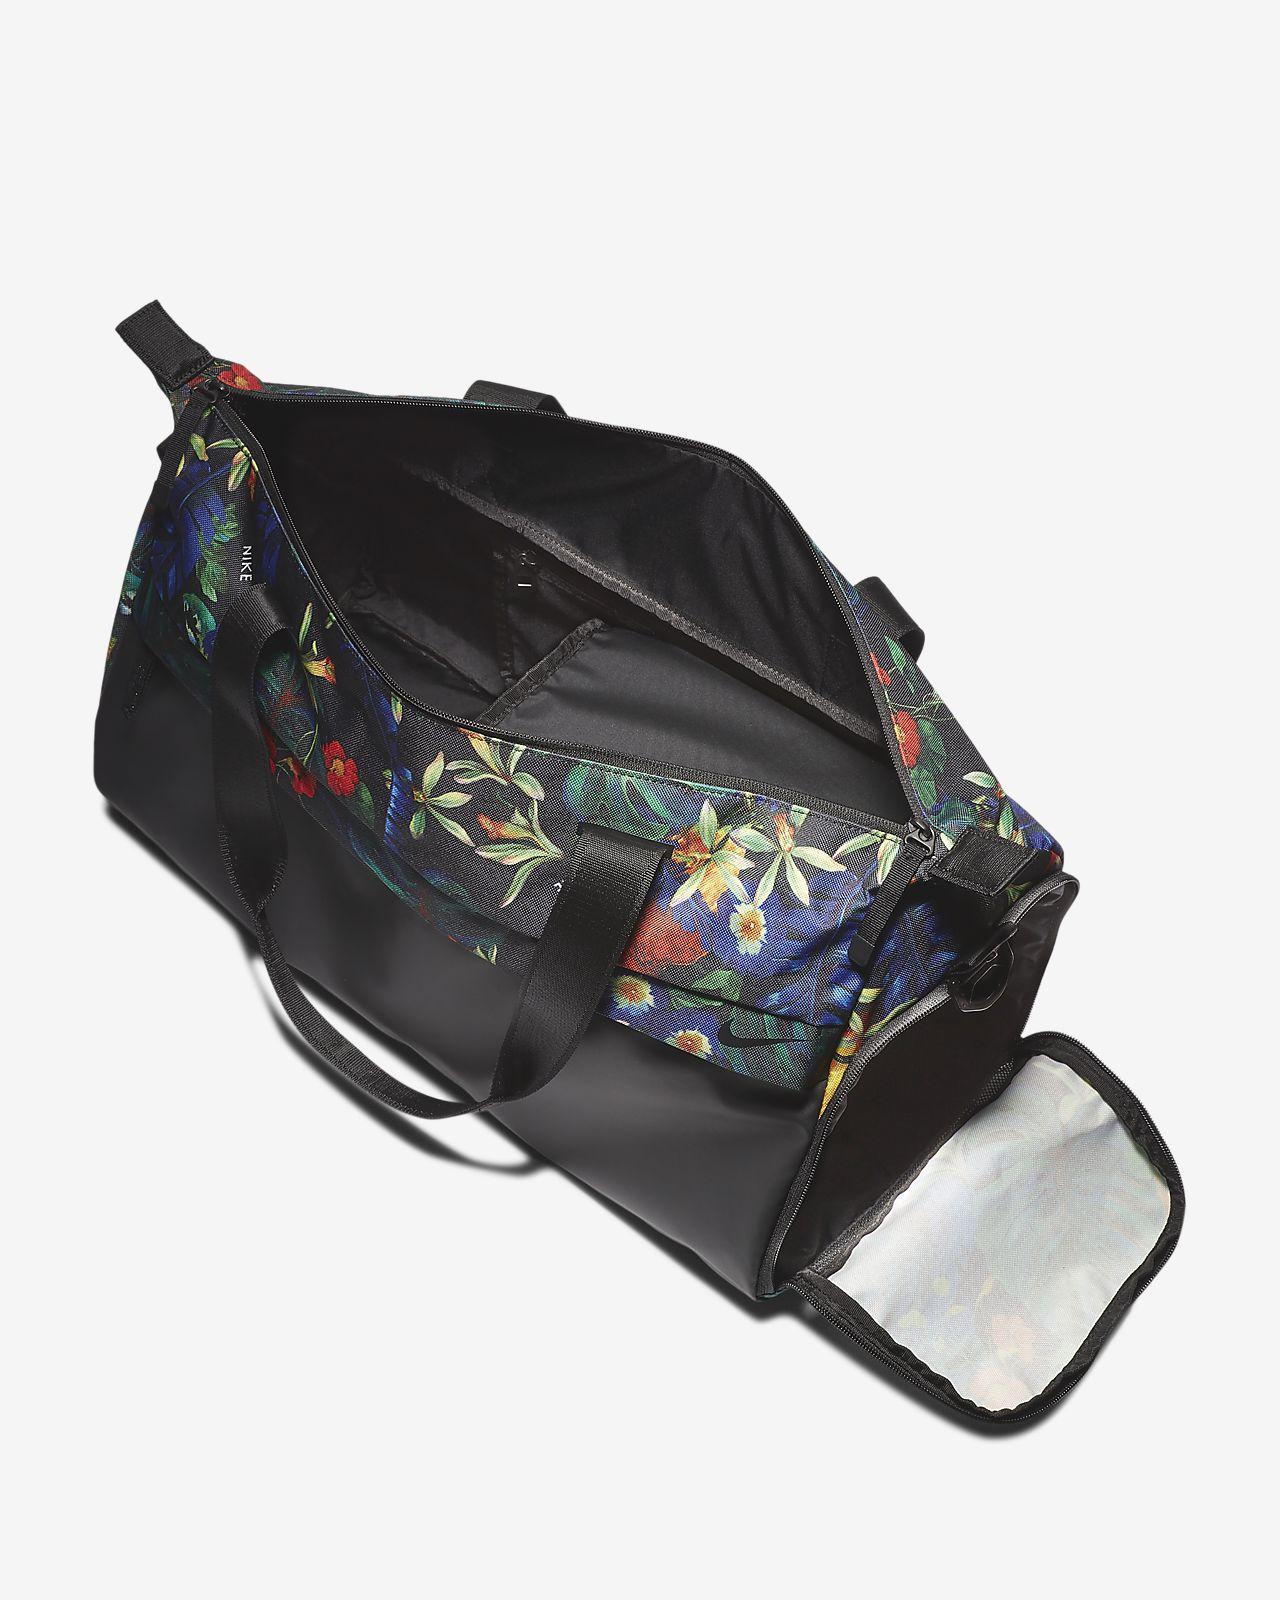 bc7ed0855809 Nike Radiate Club Women s Printed Training Bag. Nike.com GB